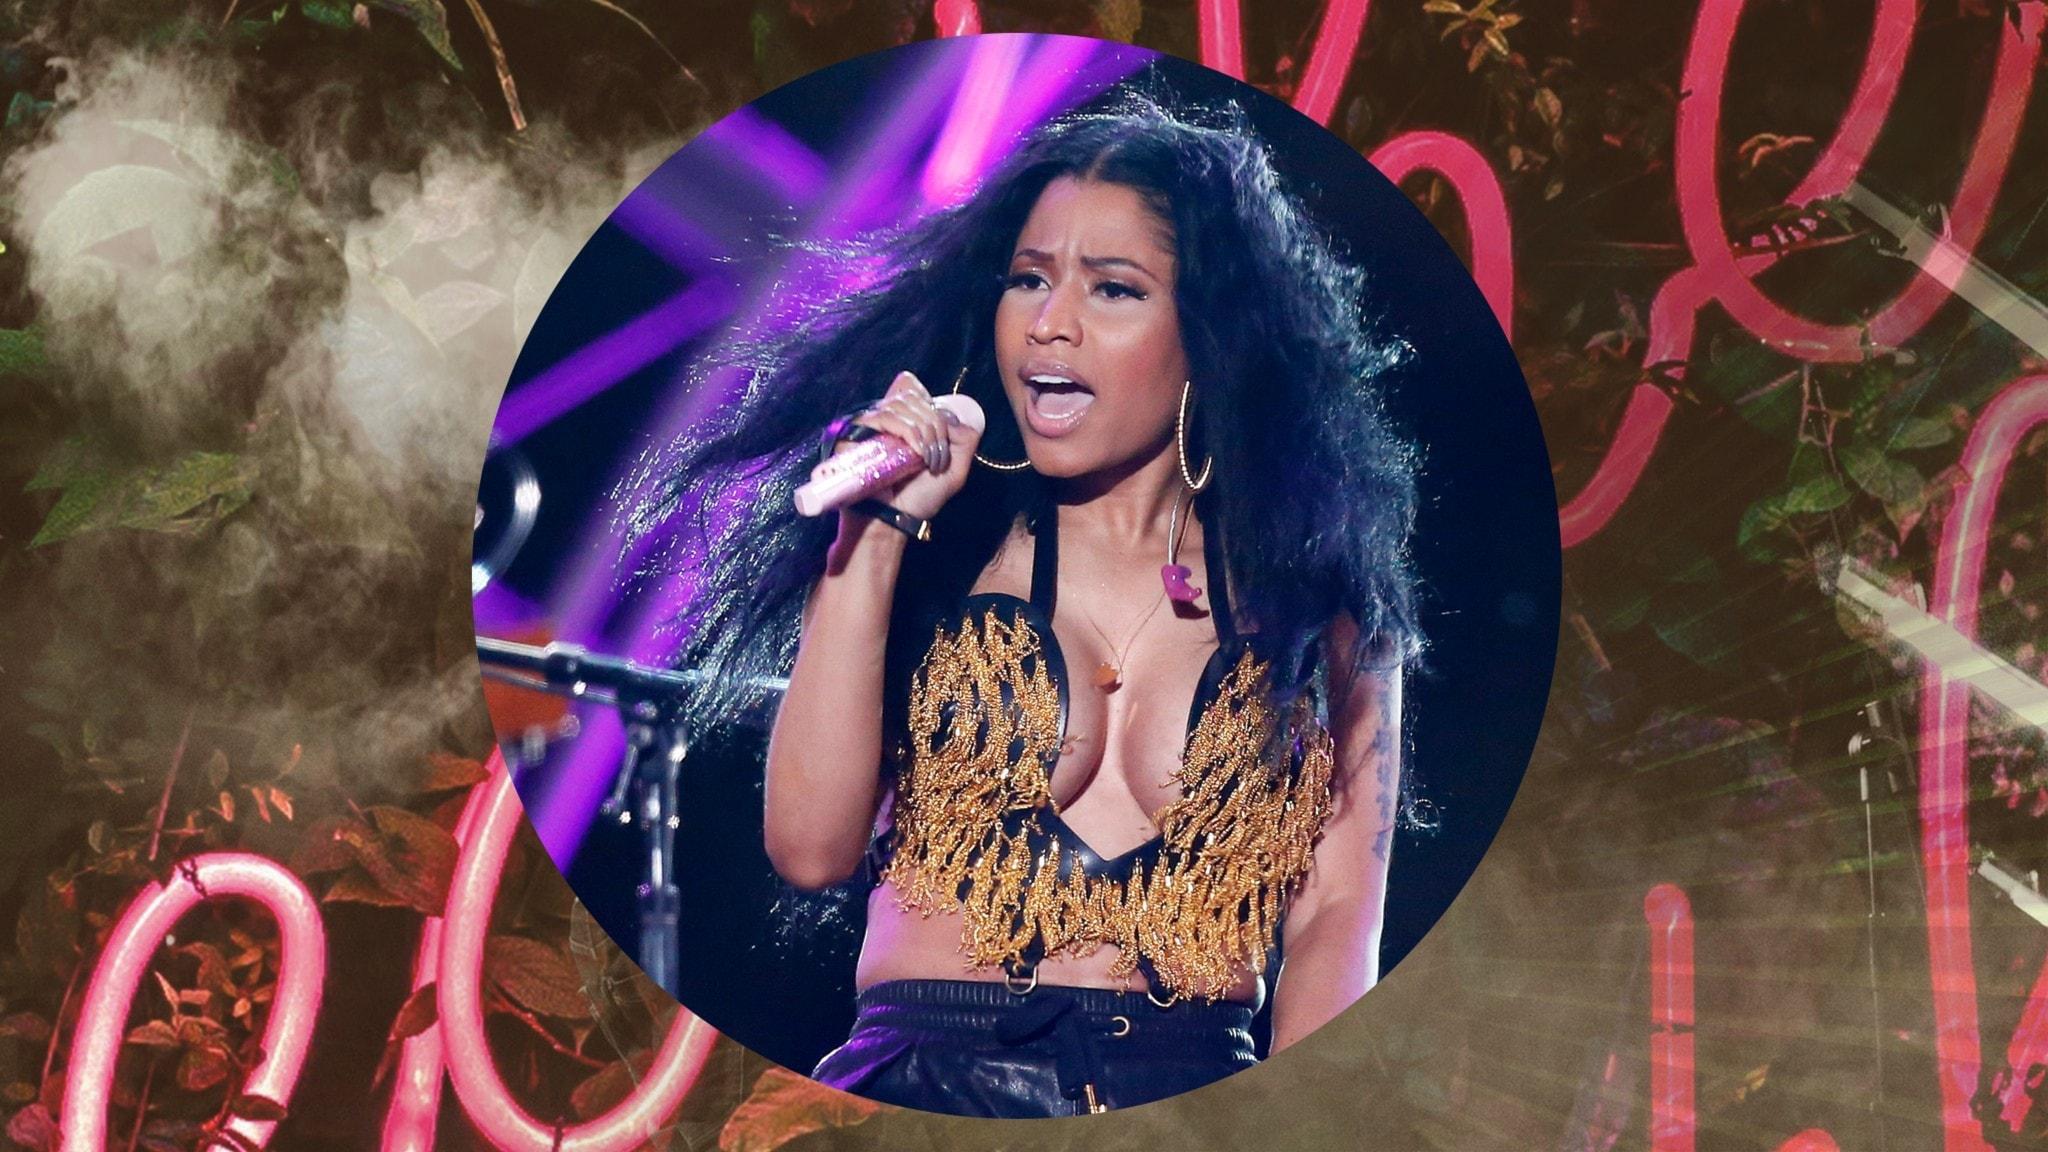 Nicki Minaj - Älskad, hatad, alltid omtalad. - spela